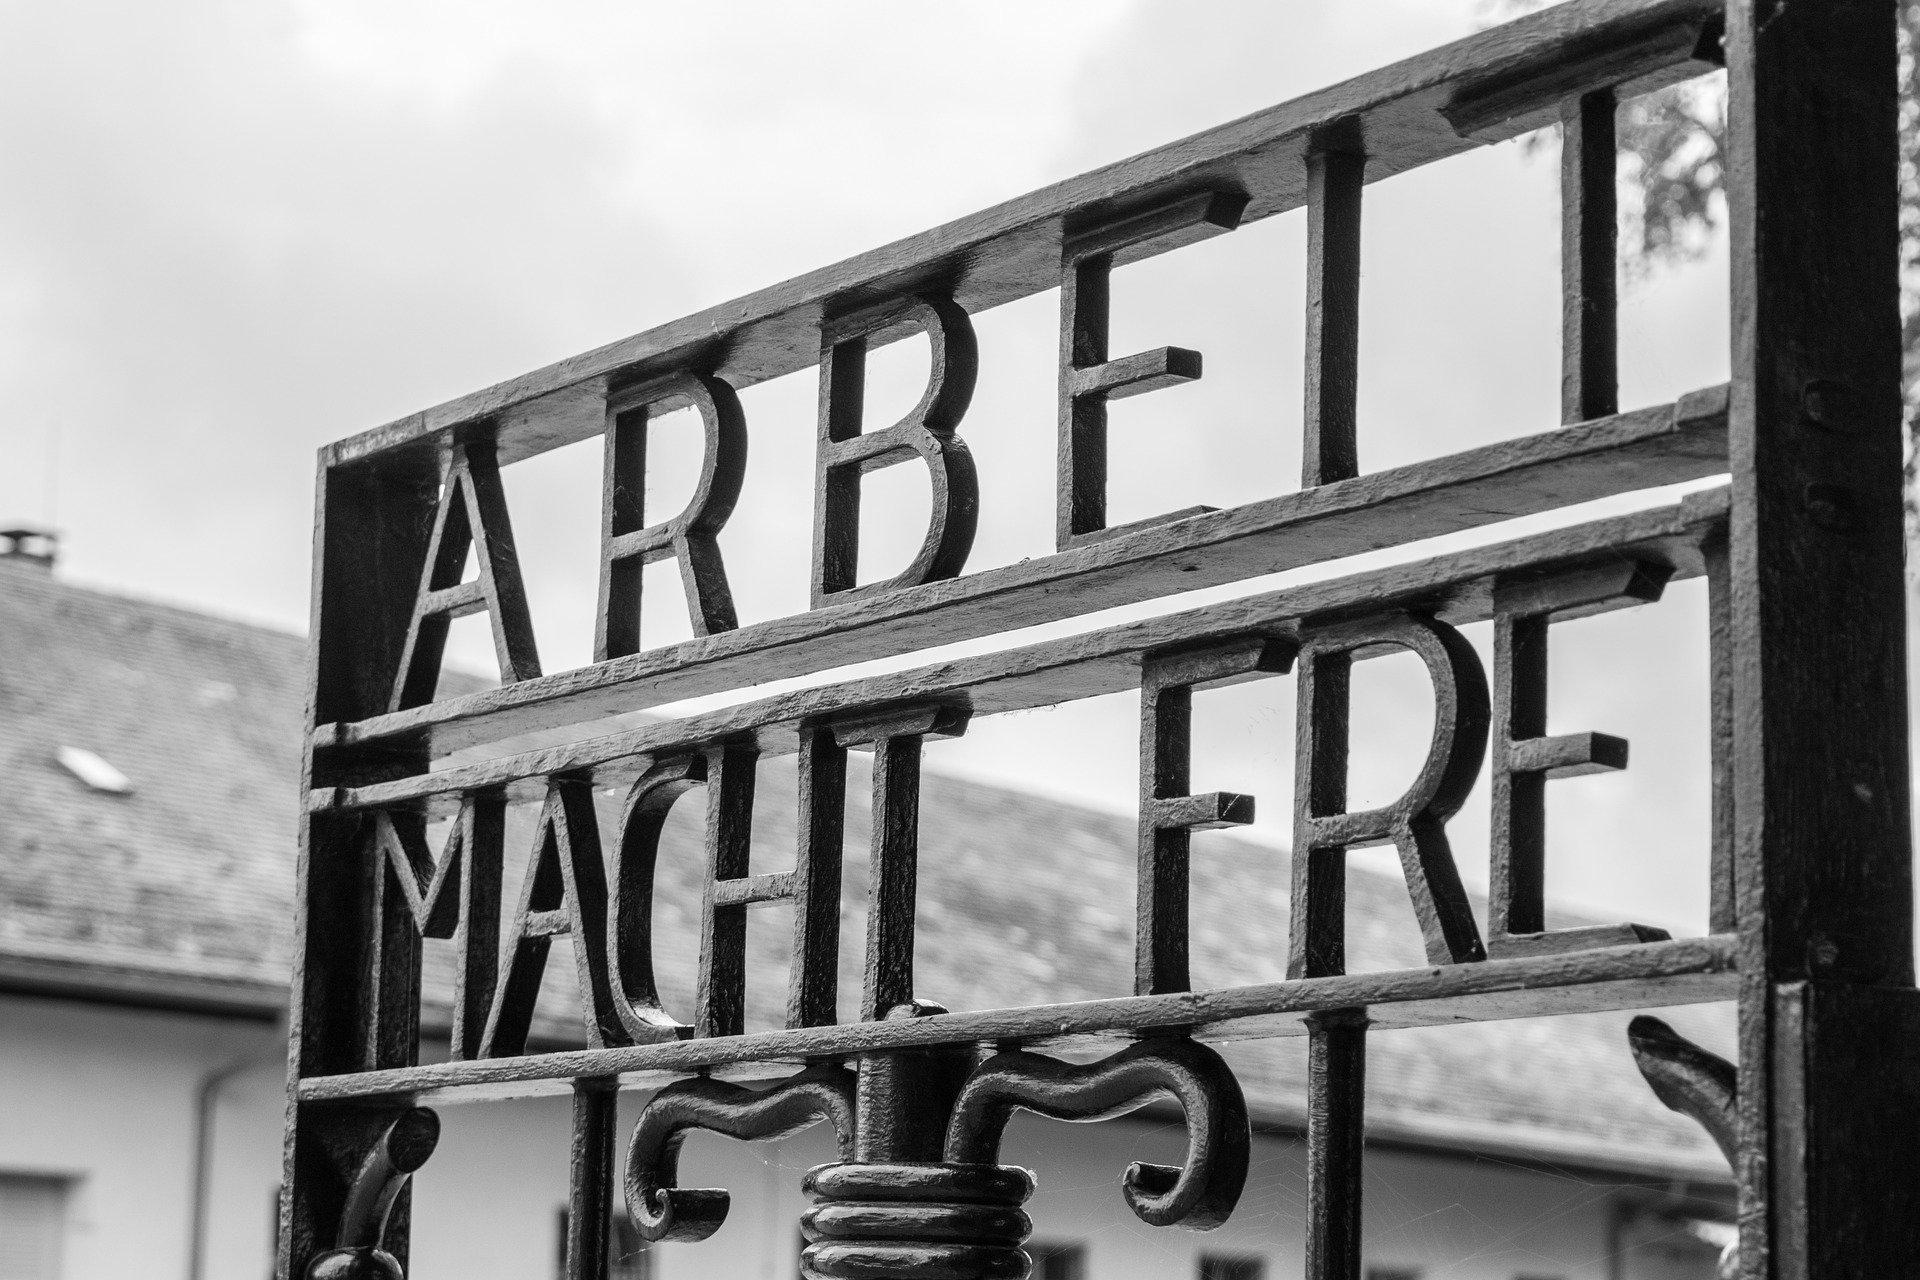 Befreiung des KZ Dachau vor 76 Jahren